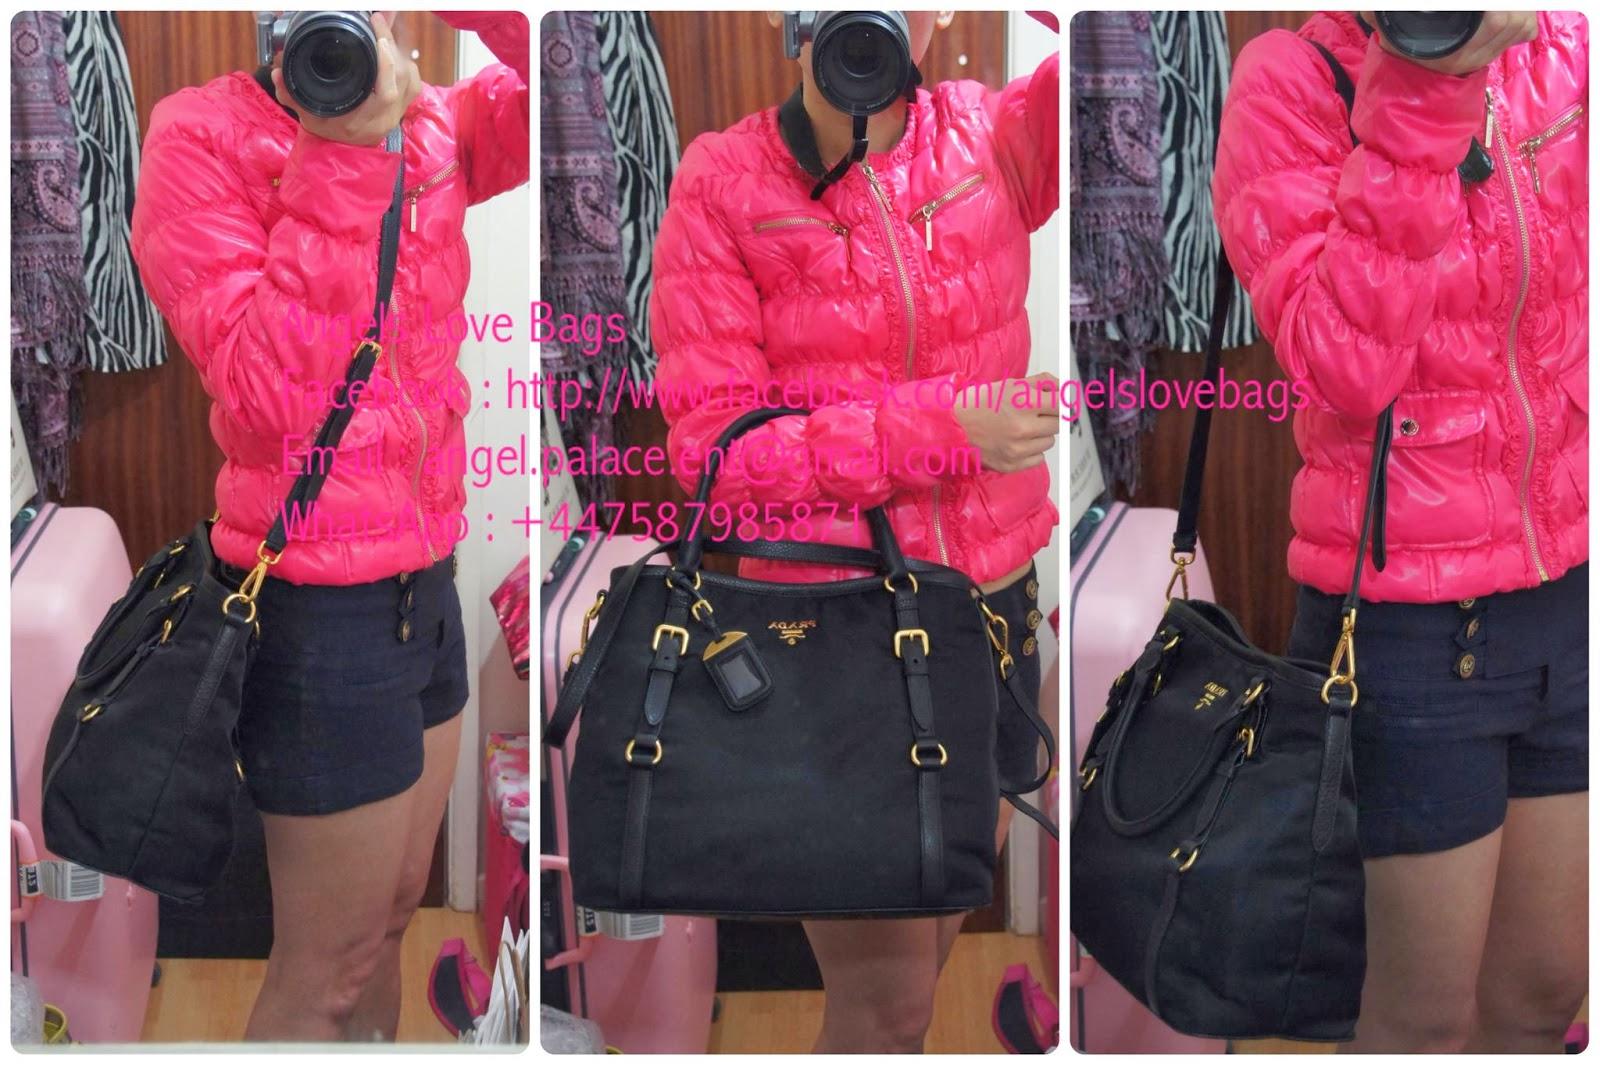 prade handbags - Angels Love Bags - The Fashion Buyer: ? PRADA Tessuto + Vitello ...